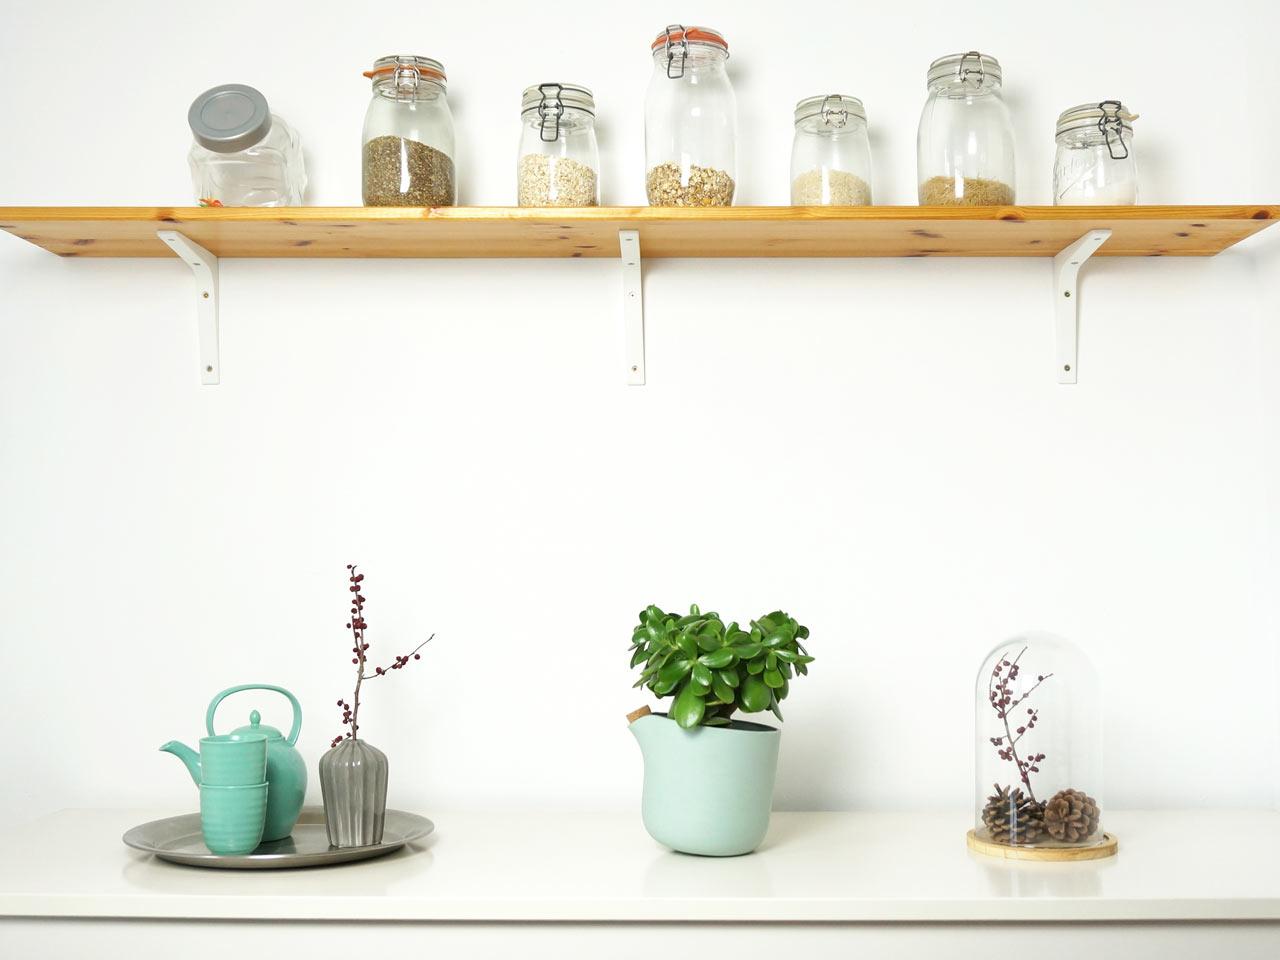 04-com-este-vaso-voce-so-precisa-regar-as-plantas-uma-vez-por-mes